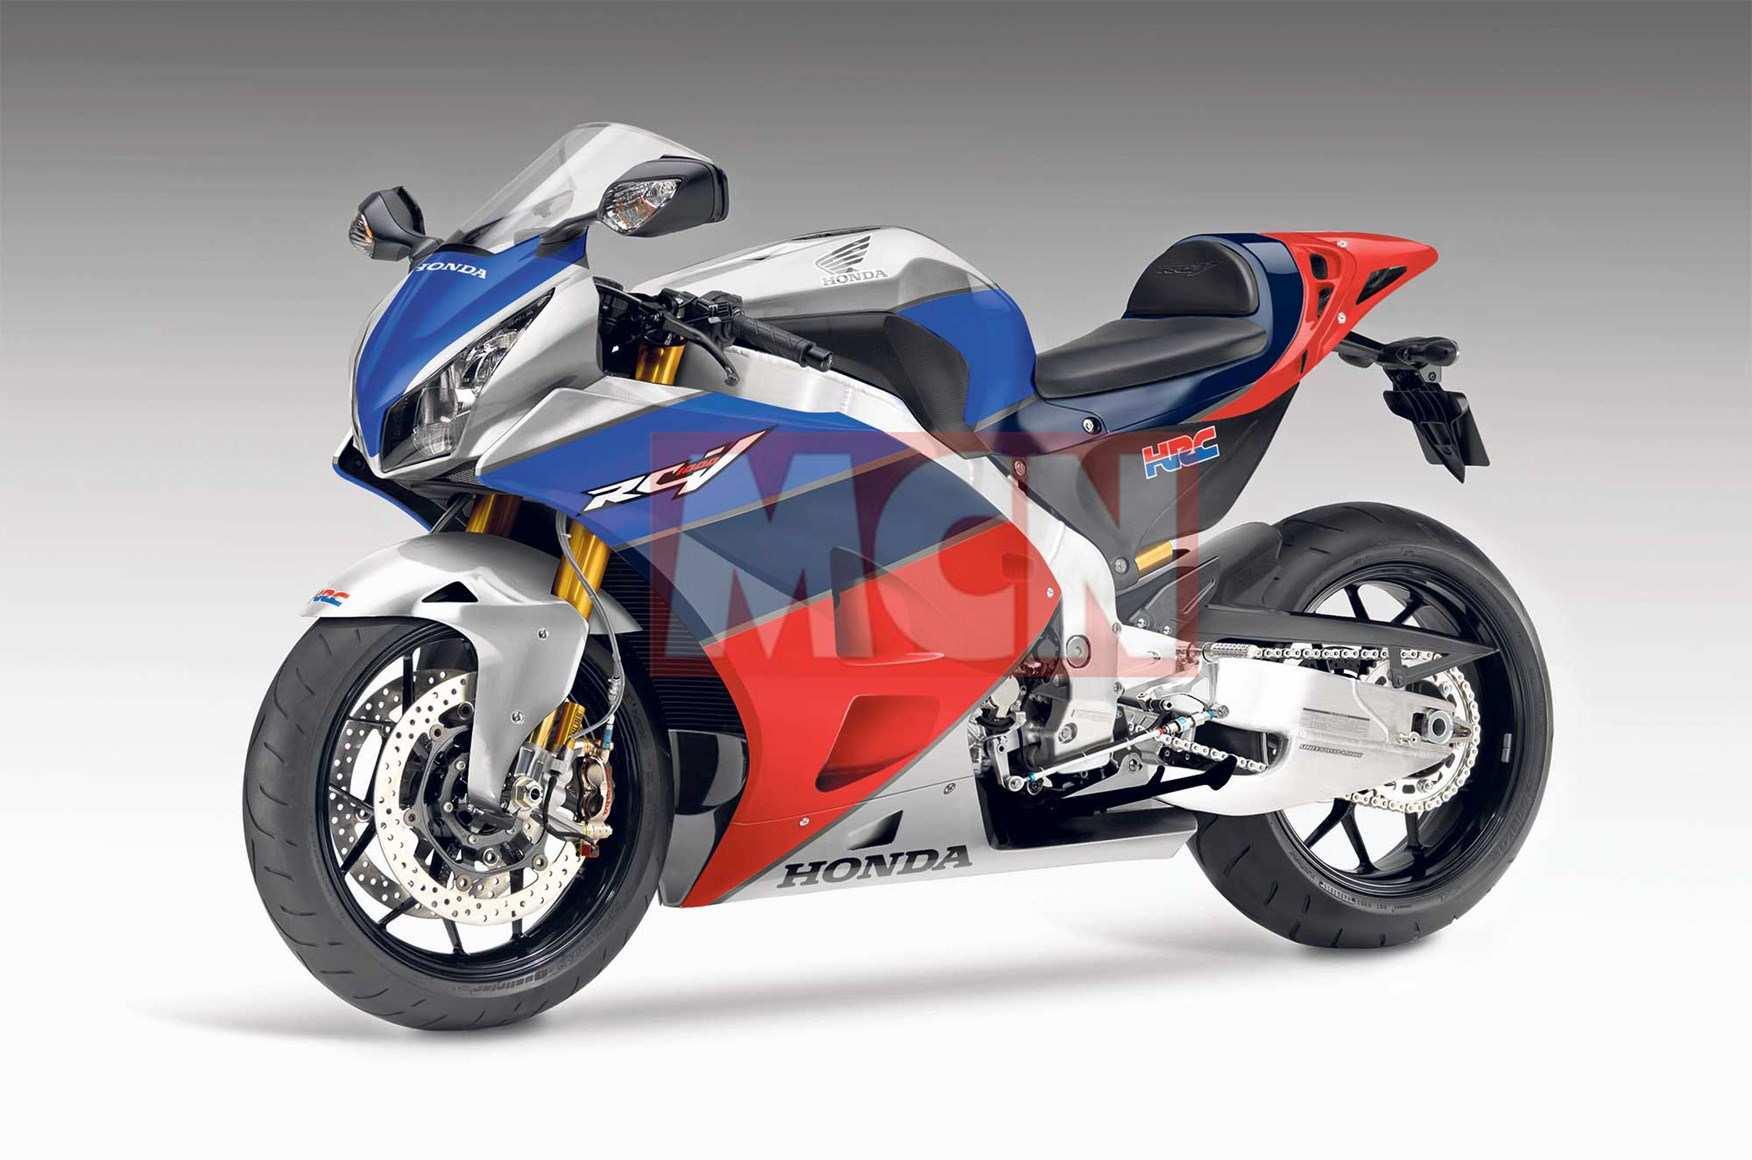 62 All New Honda V4 Superbike 2020 Ratings with Honda V4 Superbike 2020